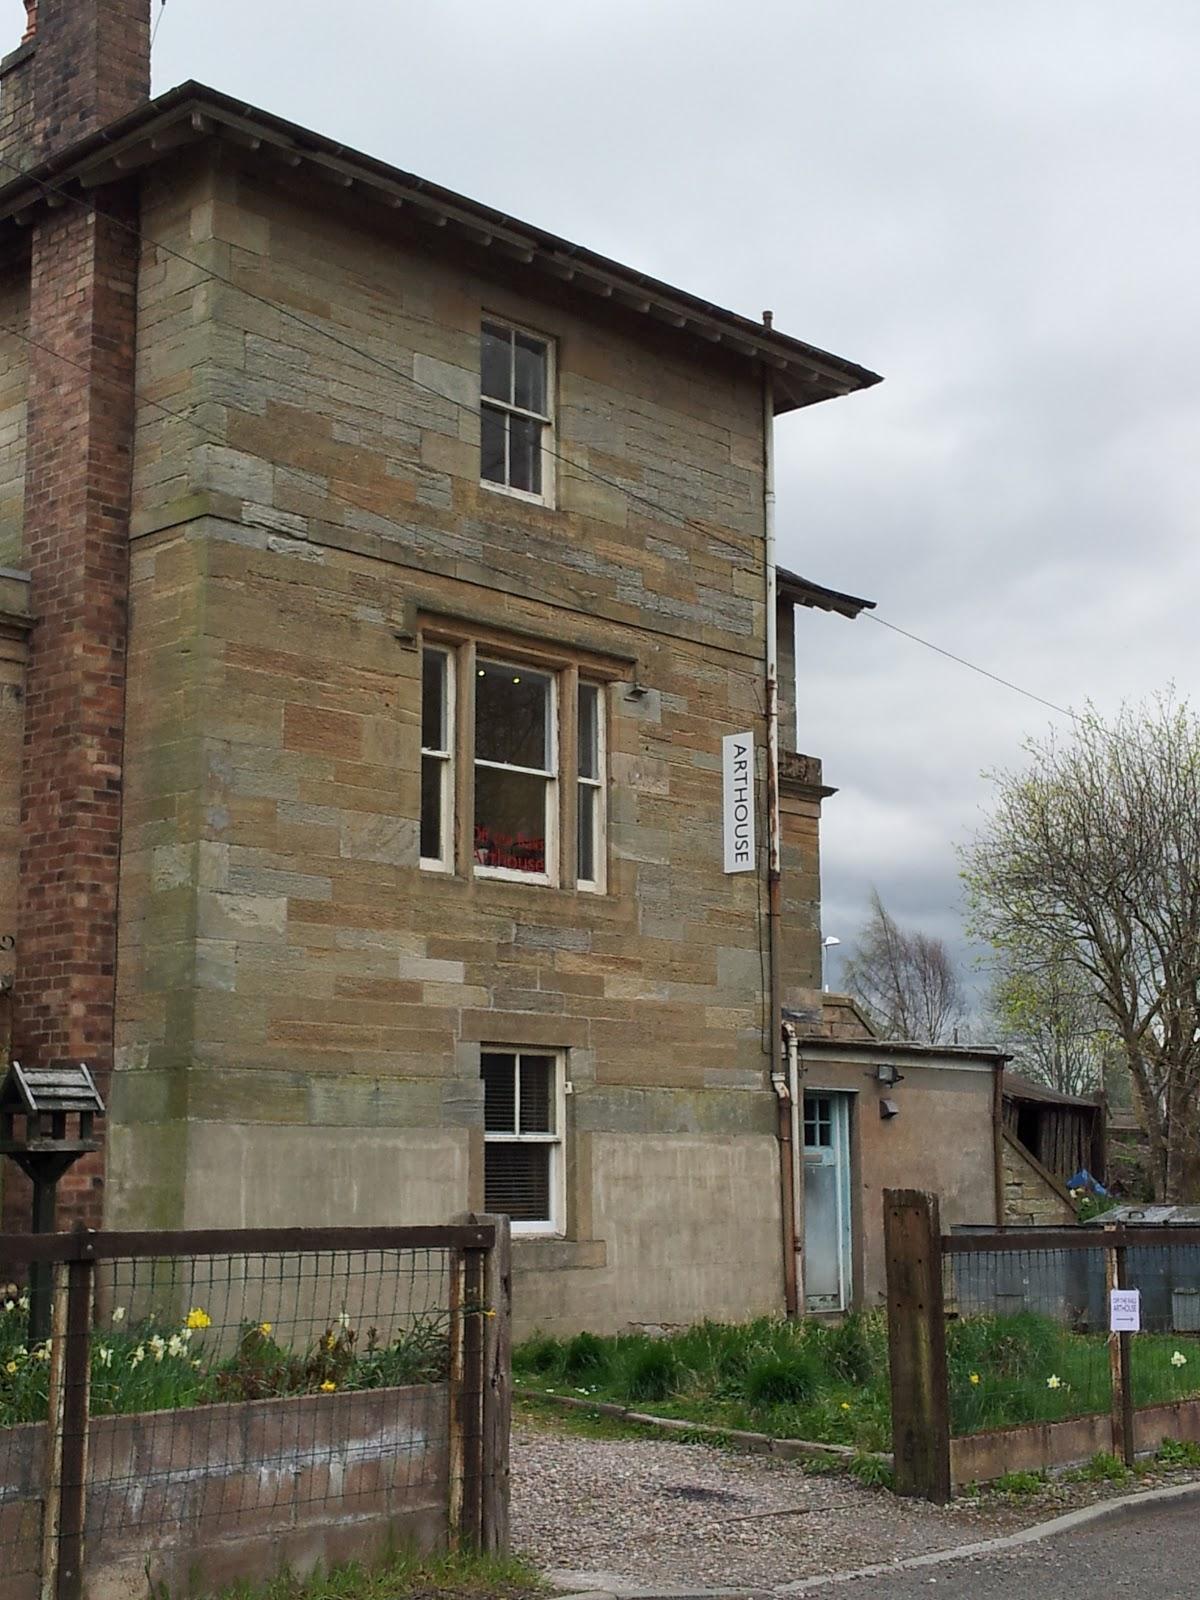 The art house ladybank